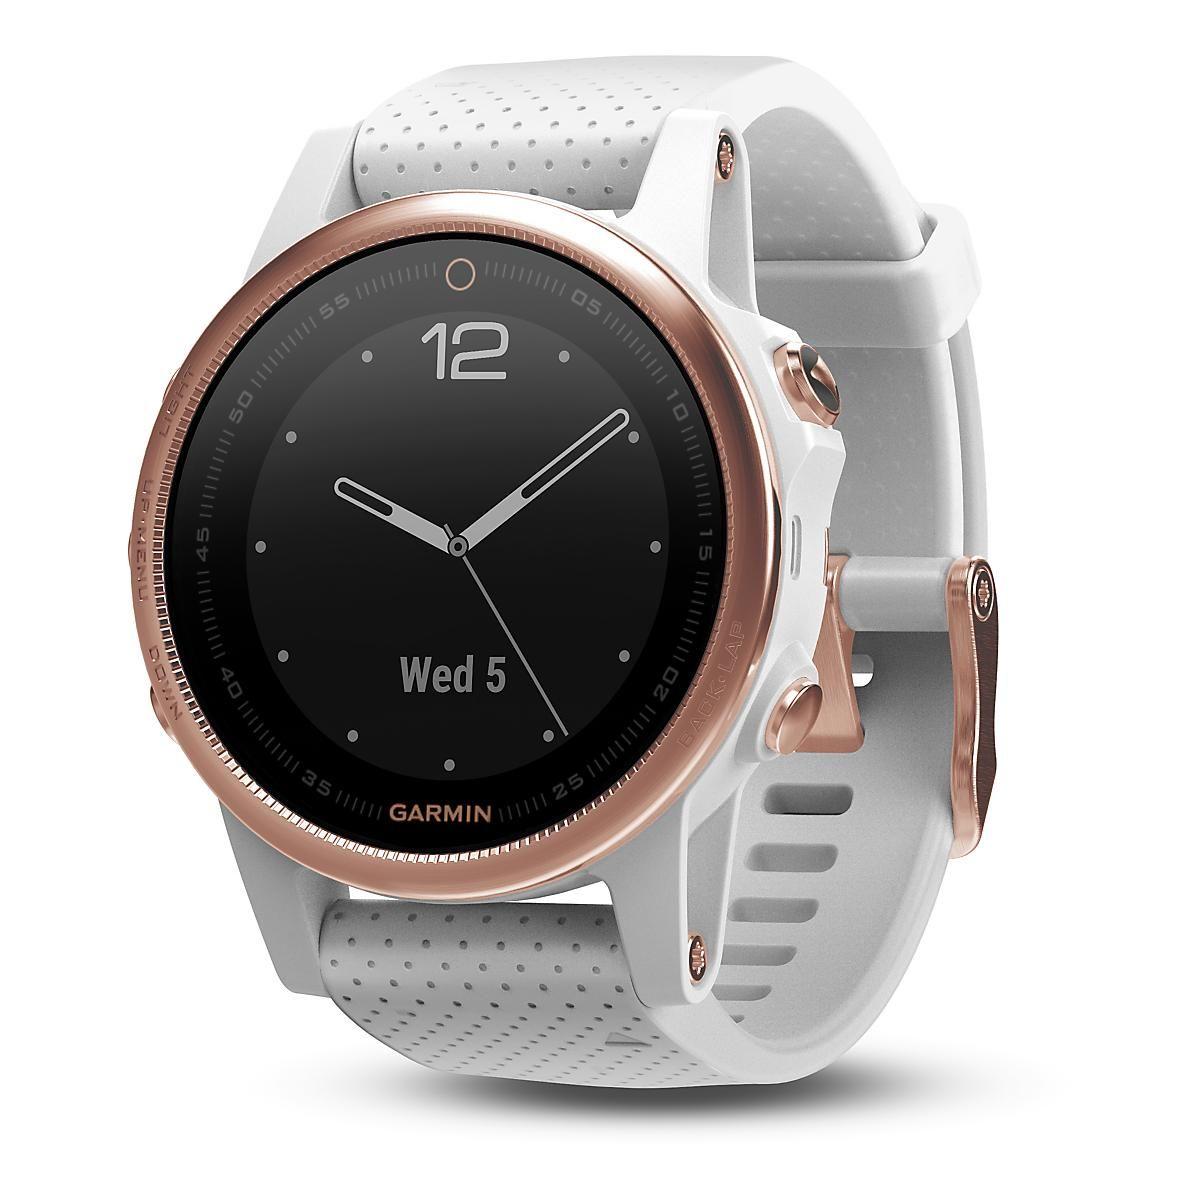 Garmin Fenix 5s Sapphire Gps Watch Gps Watch Garmin Watch Multisport Watch